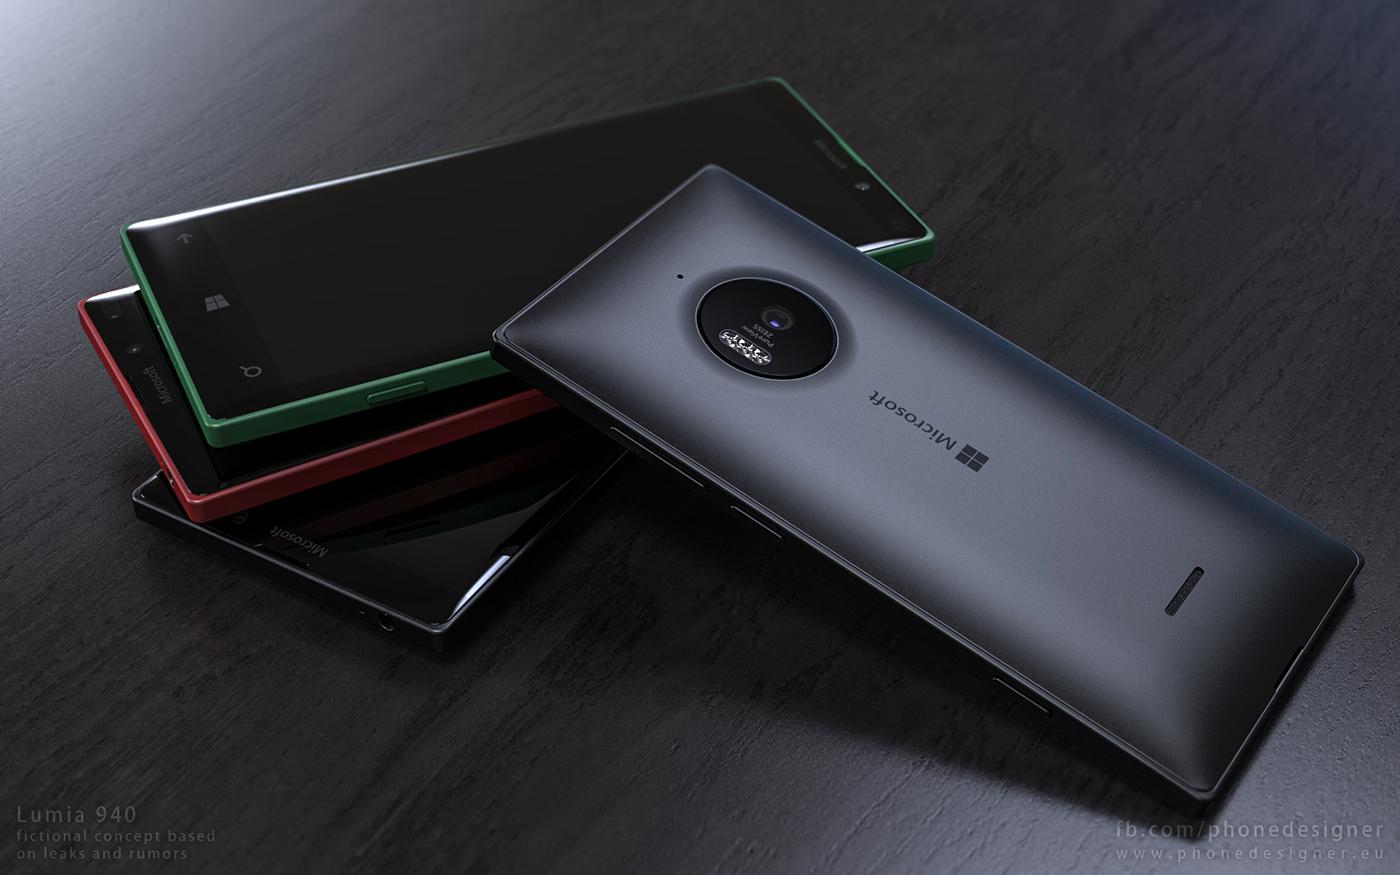 microsoft-lumia-940-concept-11